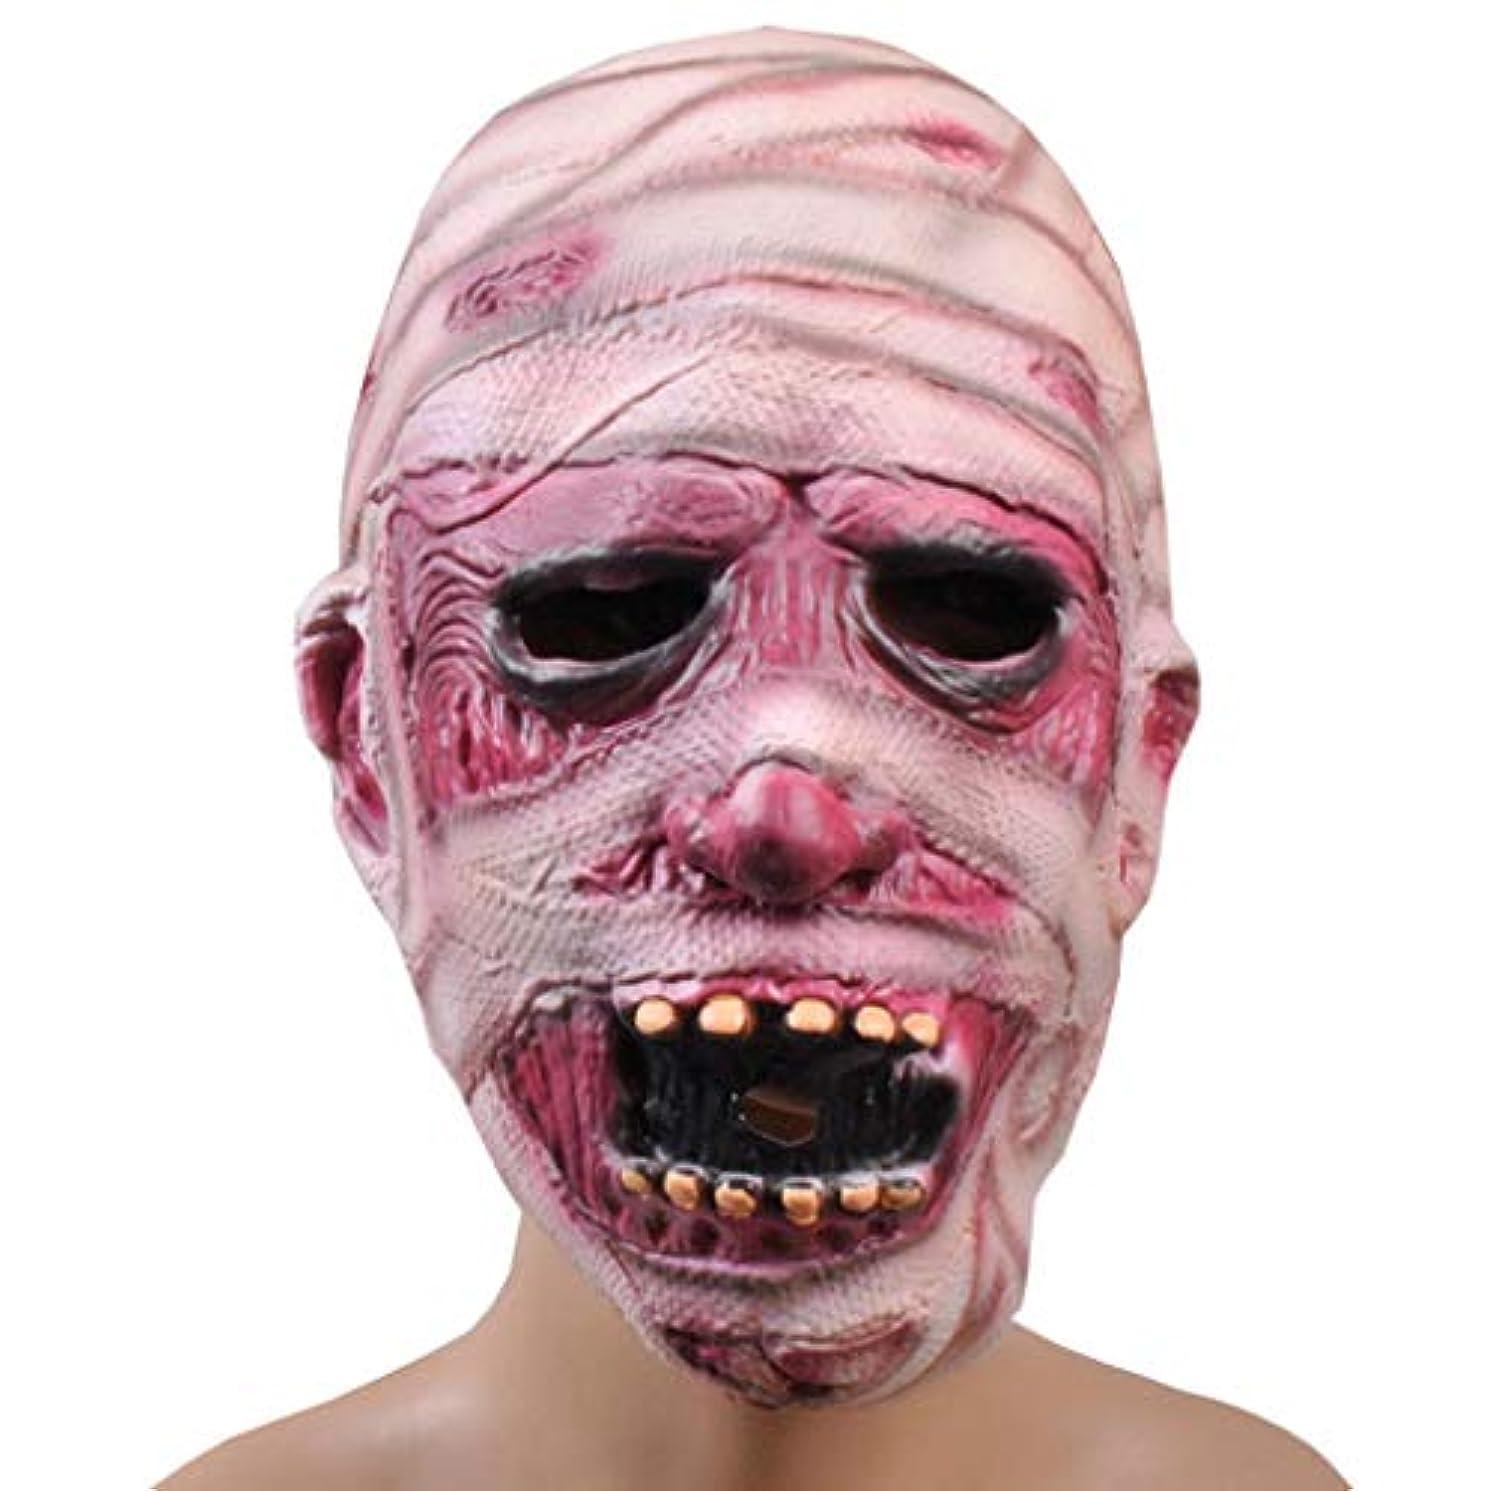 祝福八百屋病弱ハロウィンホラーしかめっ面マスクゴーストフェスティバルラテックスマスクホラー怖いマスクゴーストゾンビミイラマスク (Color : A)